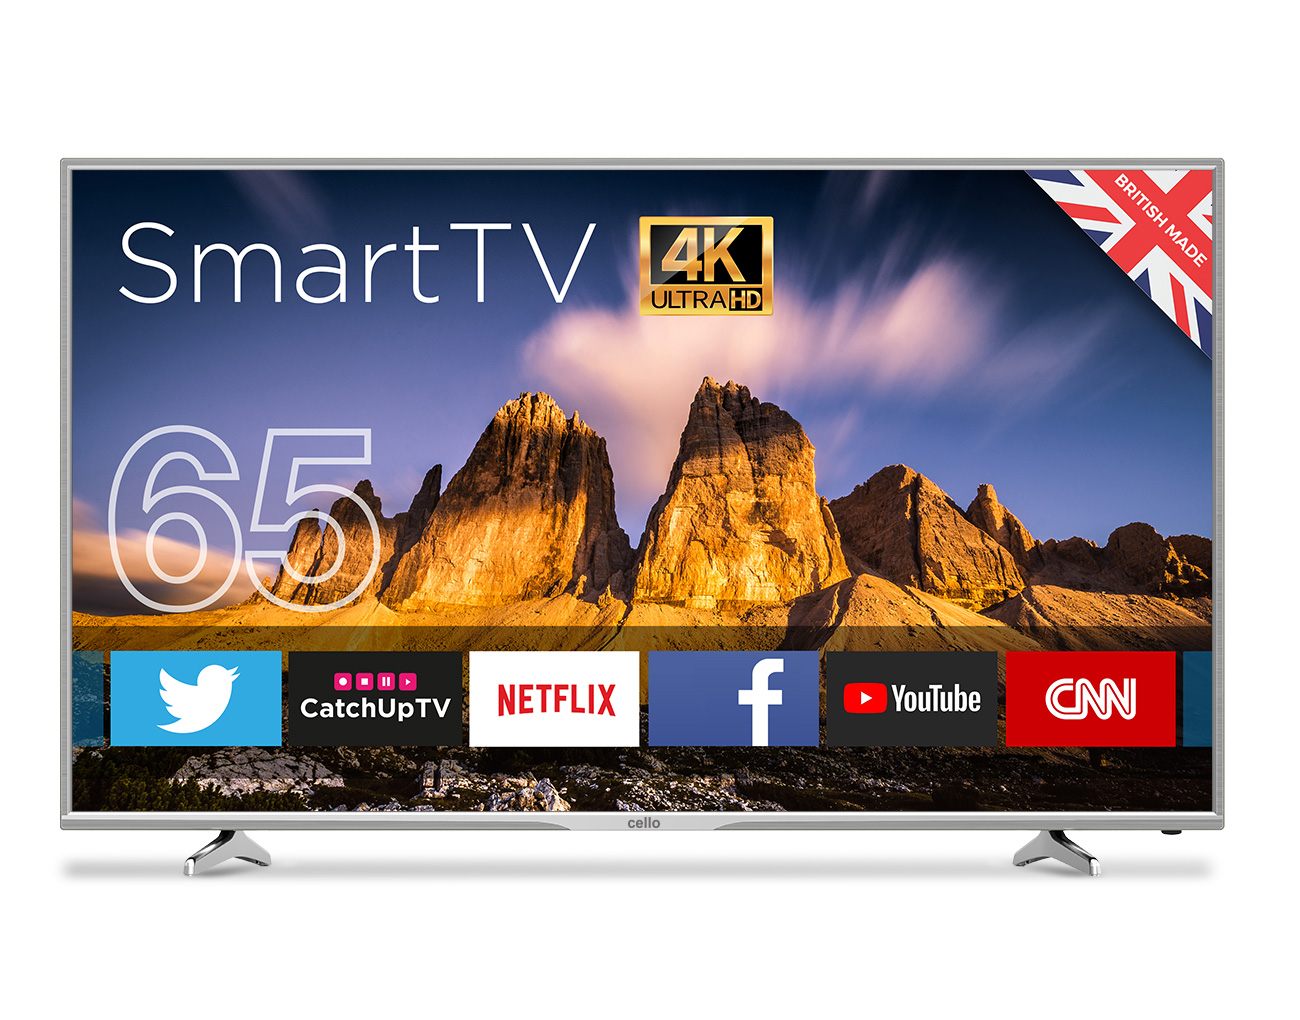 5 Best 65 inch 4k TVs under $2000 for 2018-2019